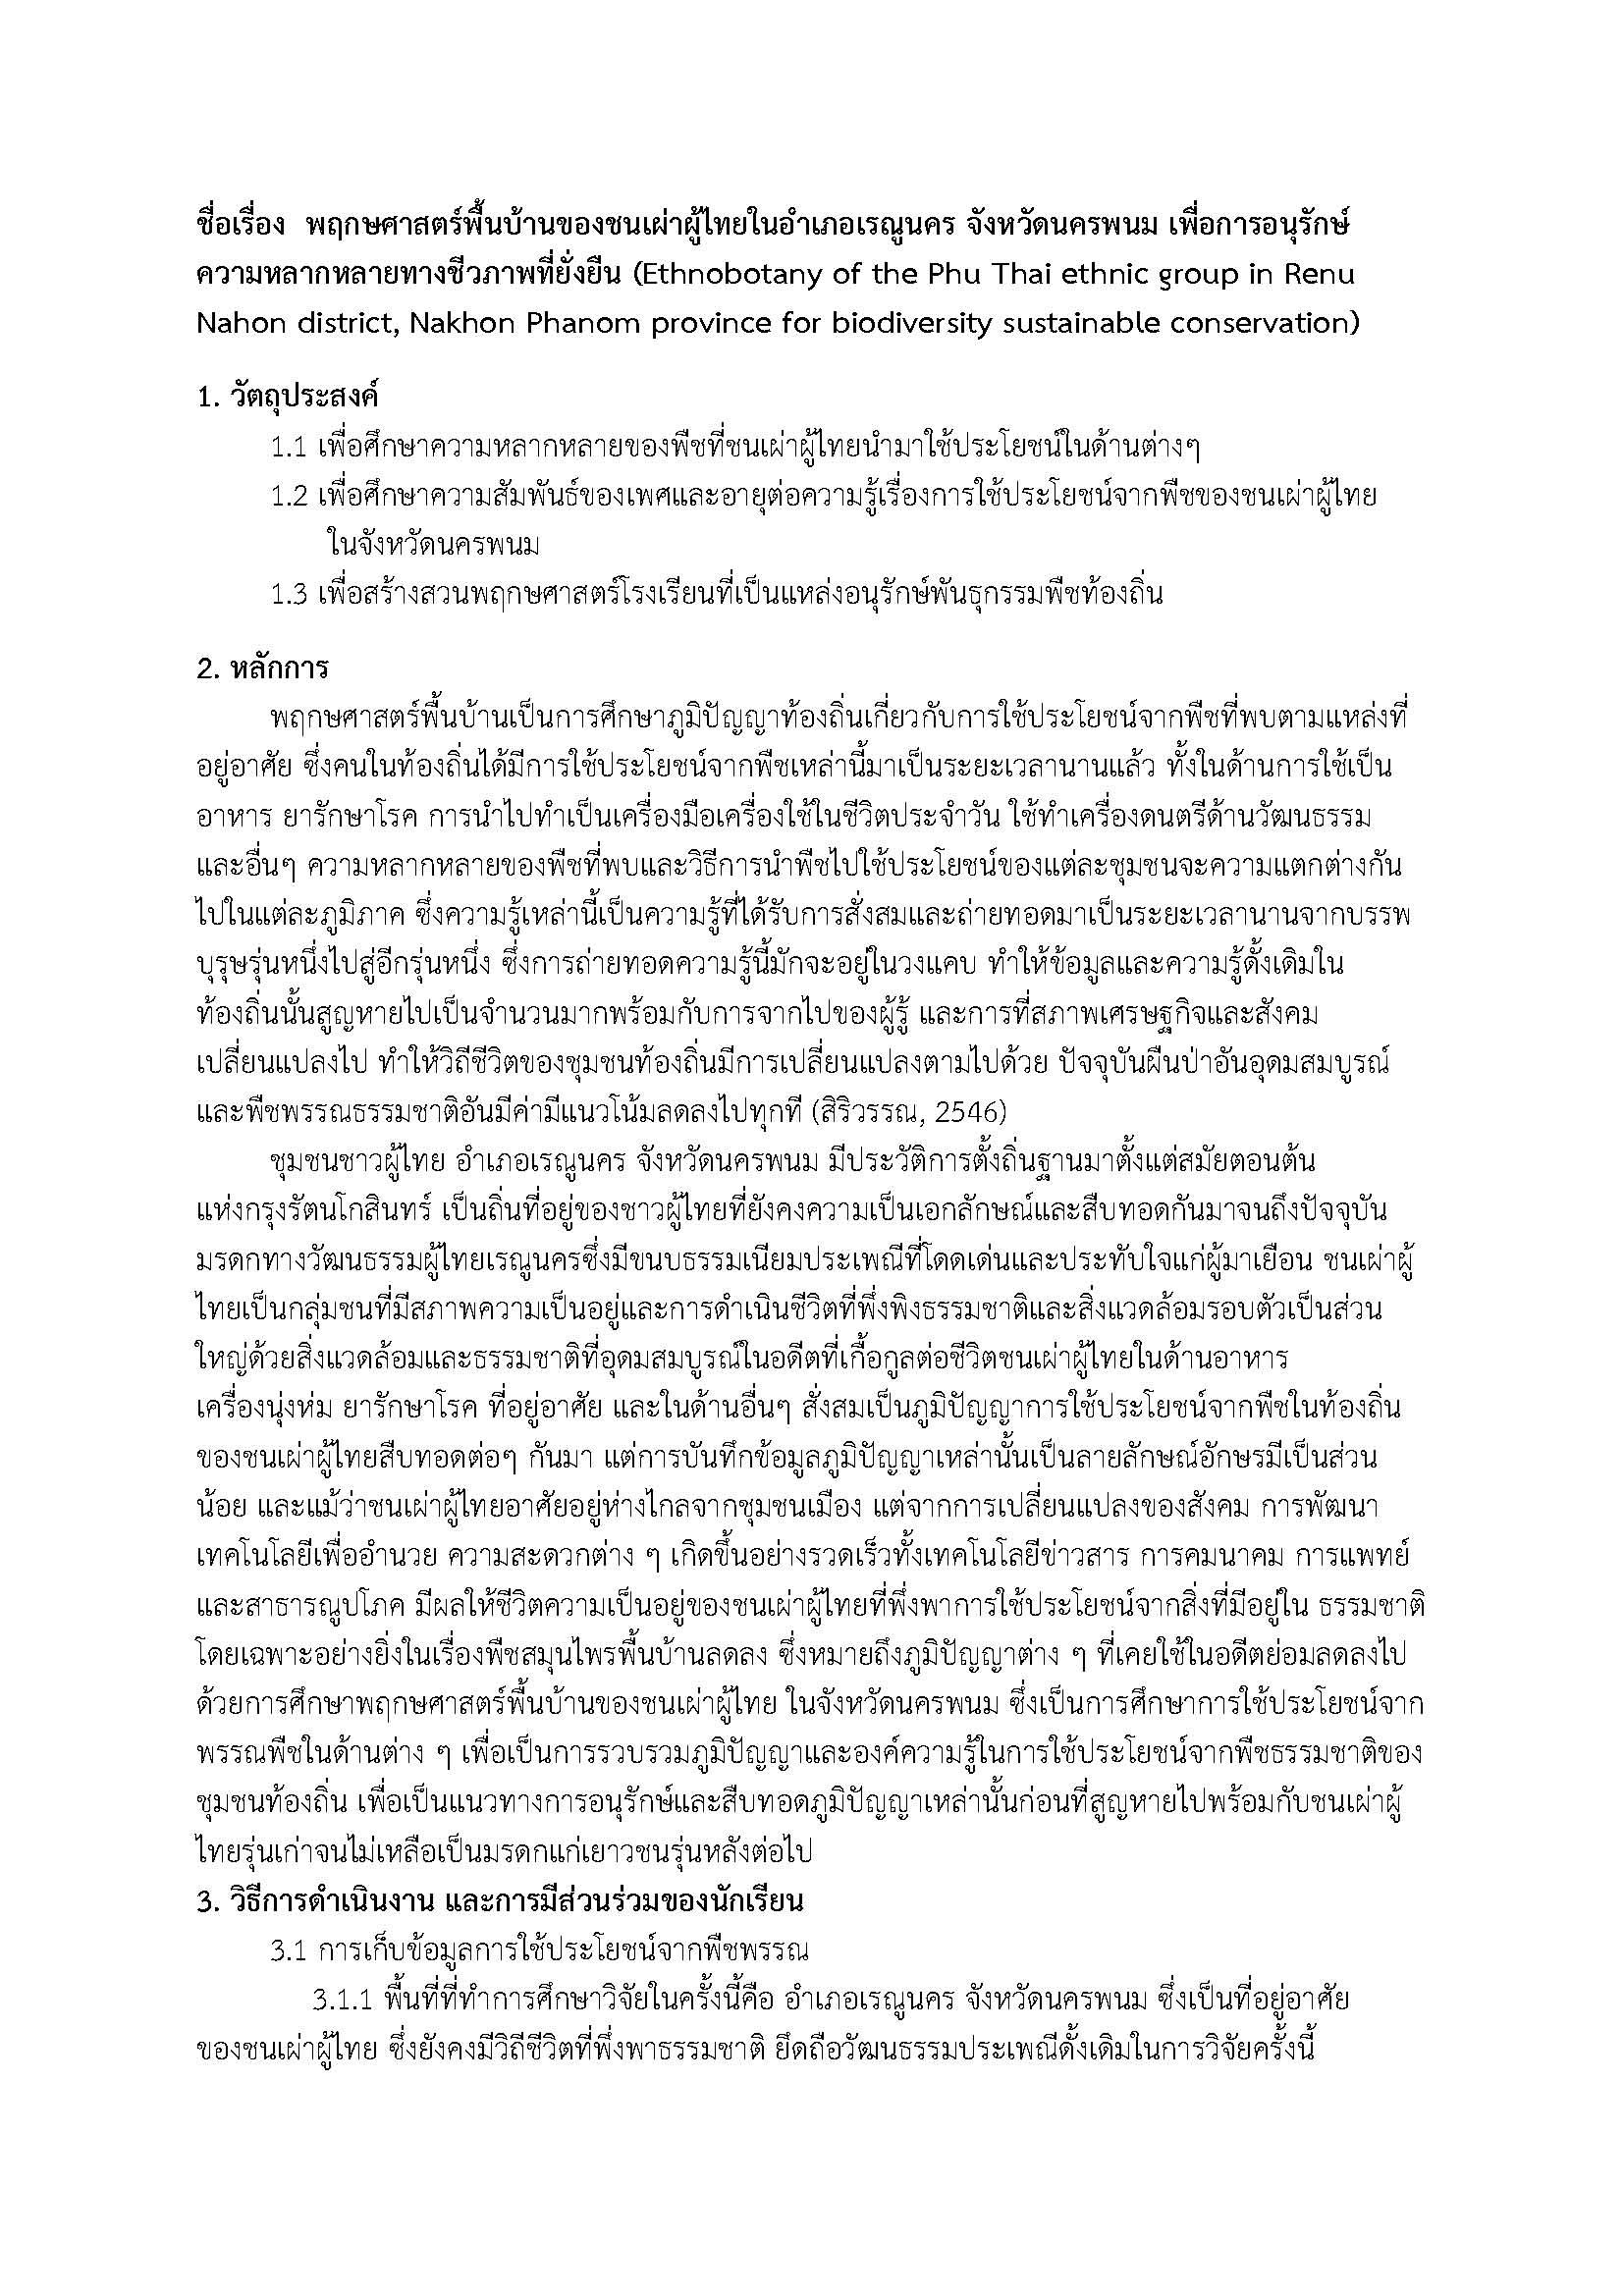 พฤกษศาสตร์พื้นบ้านของชนเผ่าผู้ไทยในอำเภอเรณูนคร จังหวัดนครพนม เพื่อการอนุรักษ์ความหลากหลายทางชีวภาพที่ยั่งยืน